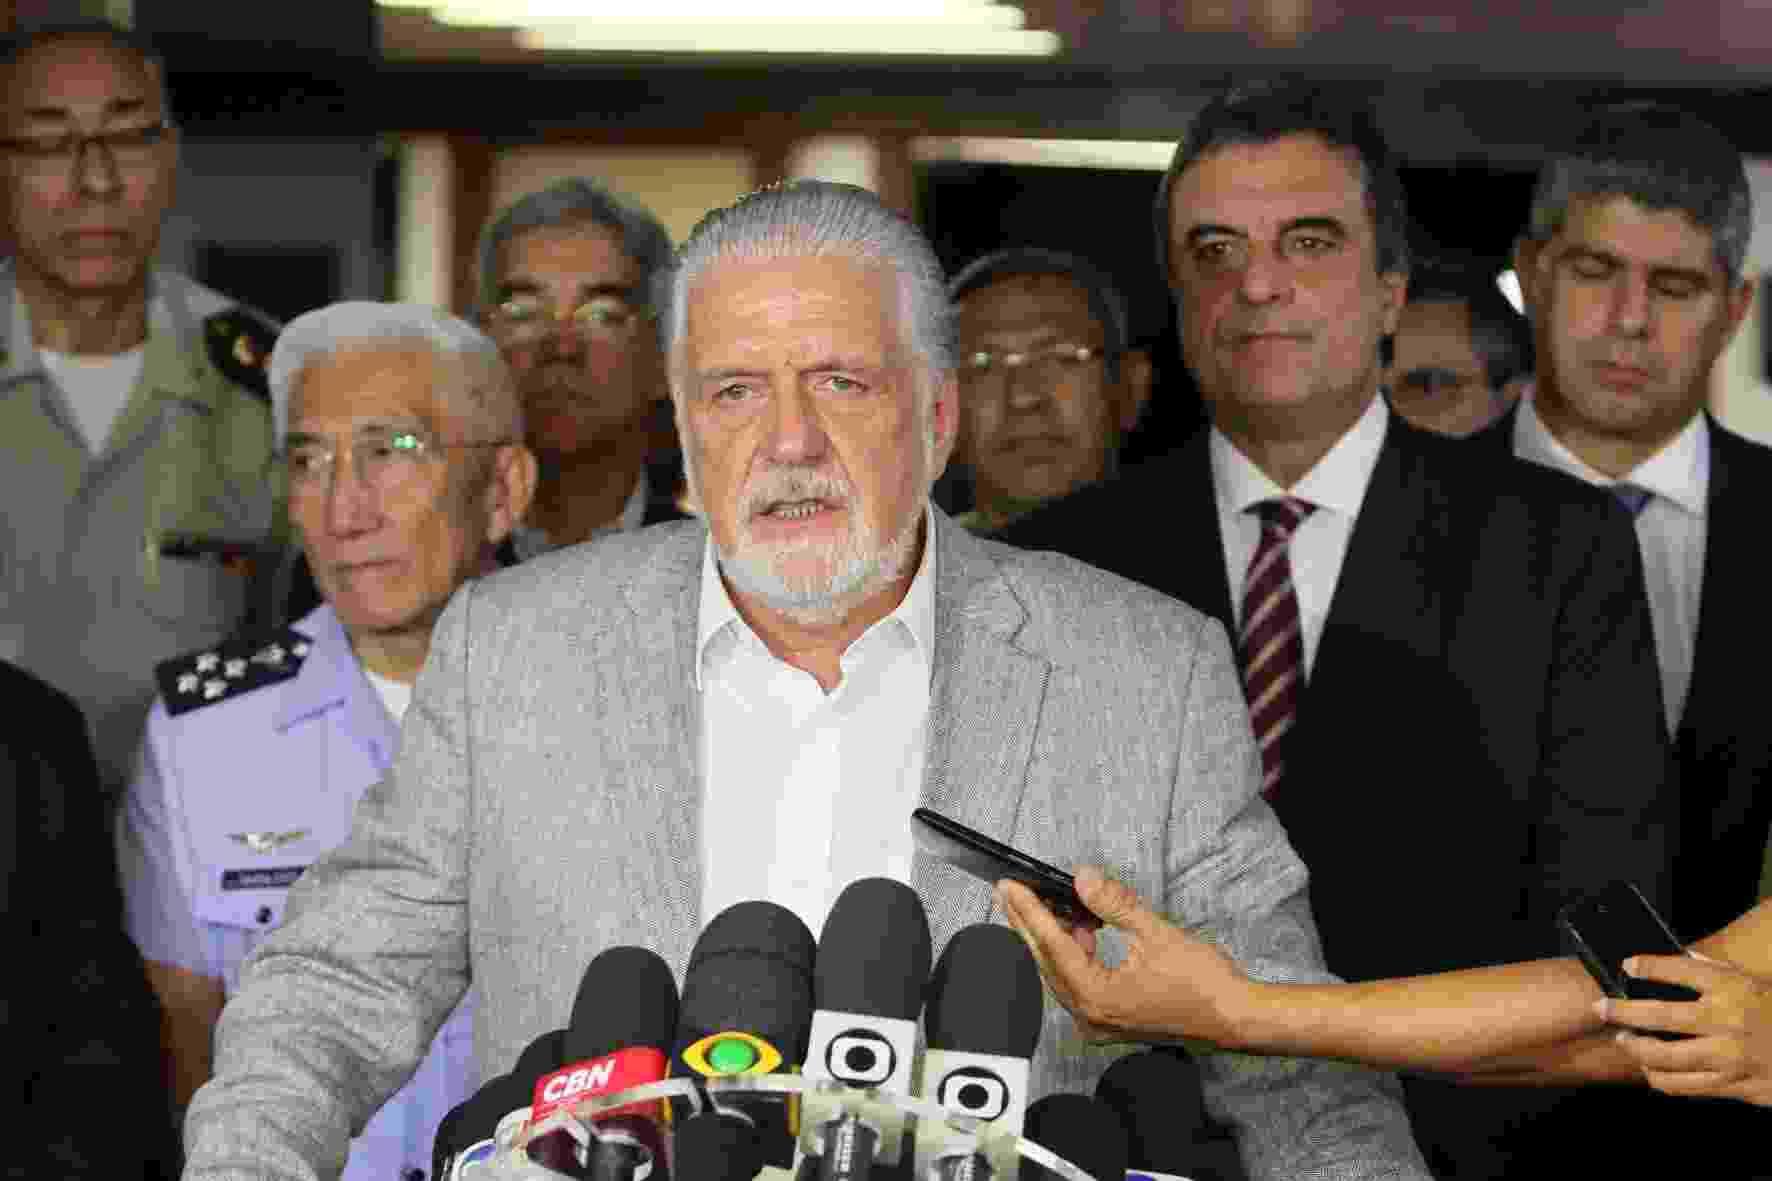 17.abr.2014 - O governador da Bahia, Jaques Wagner (PT), afirmou que o comando das operações de segurança no Estado continuará com o Exército pelo menos até a próxima semana, mesmo com a decisão, nesta quinta-feira (17), do retorno ao trabalho dos policiais militares em greve - Manu Dias/GOVBA